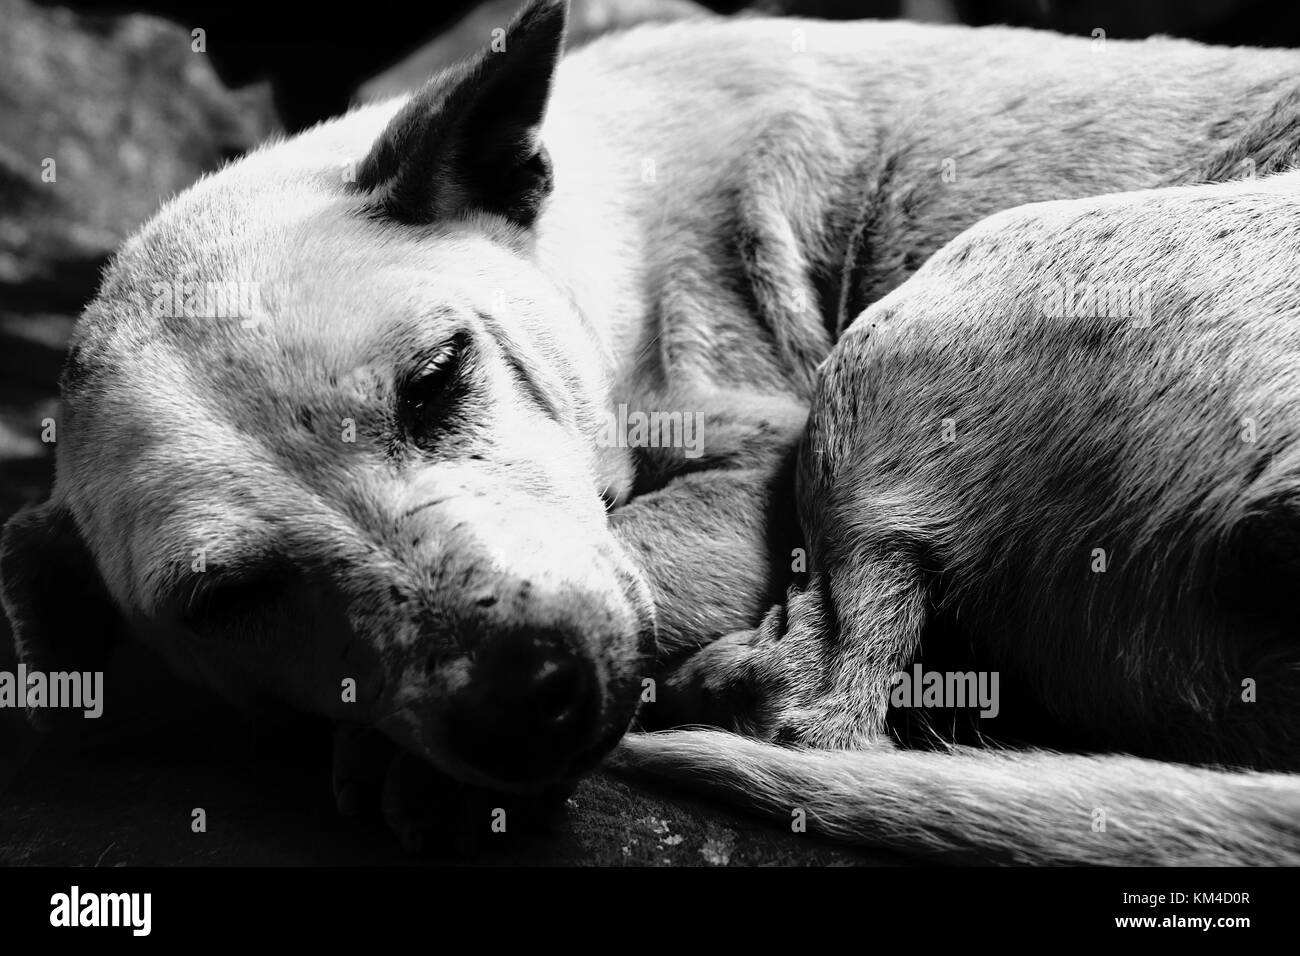 Old dog - Stock Image